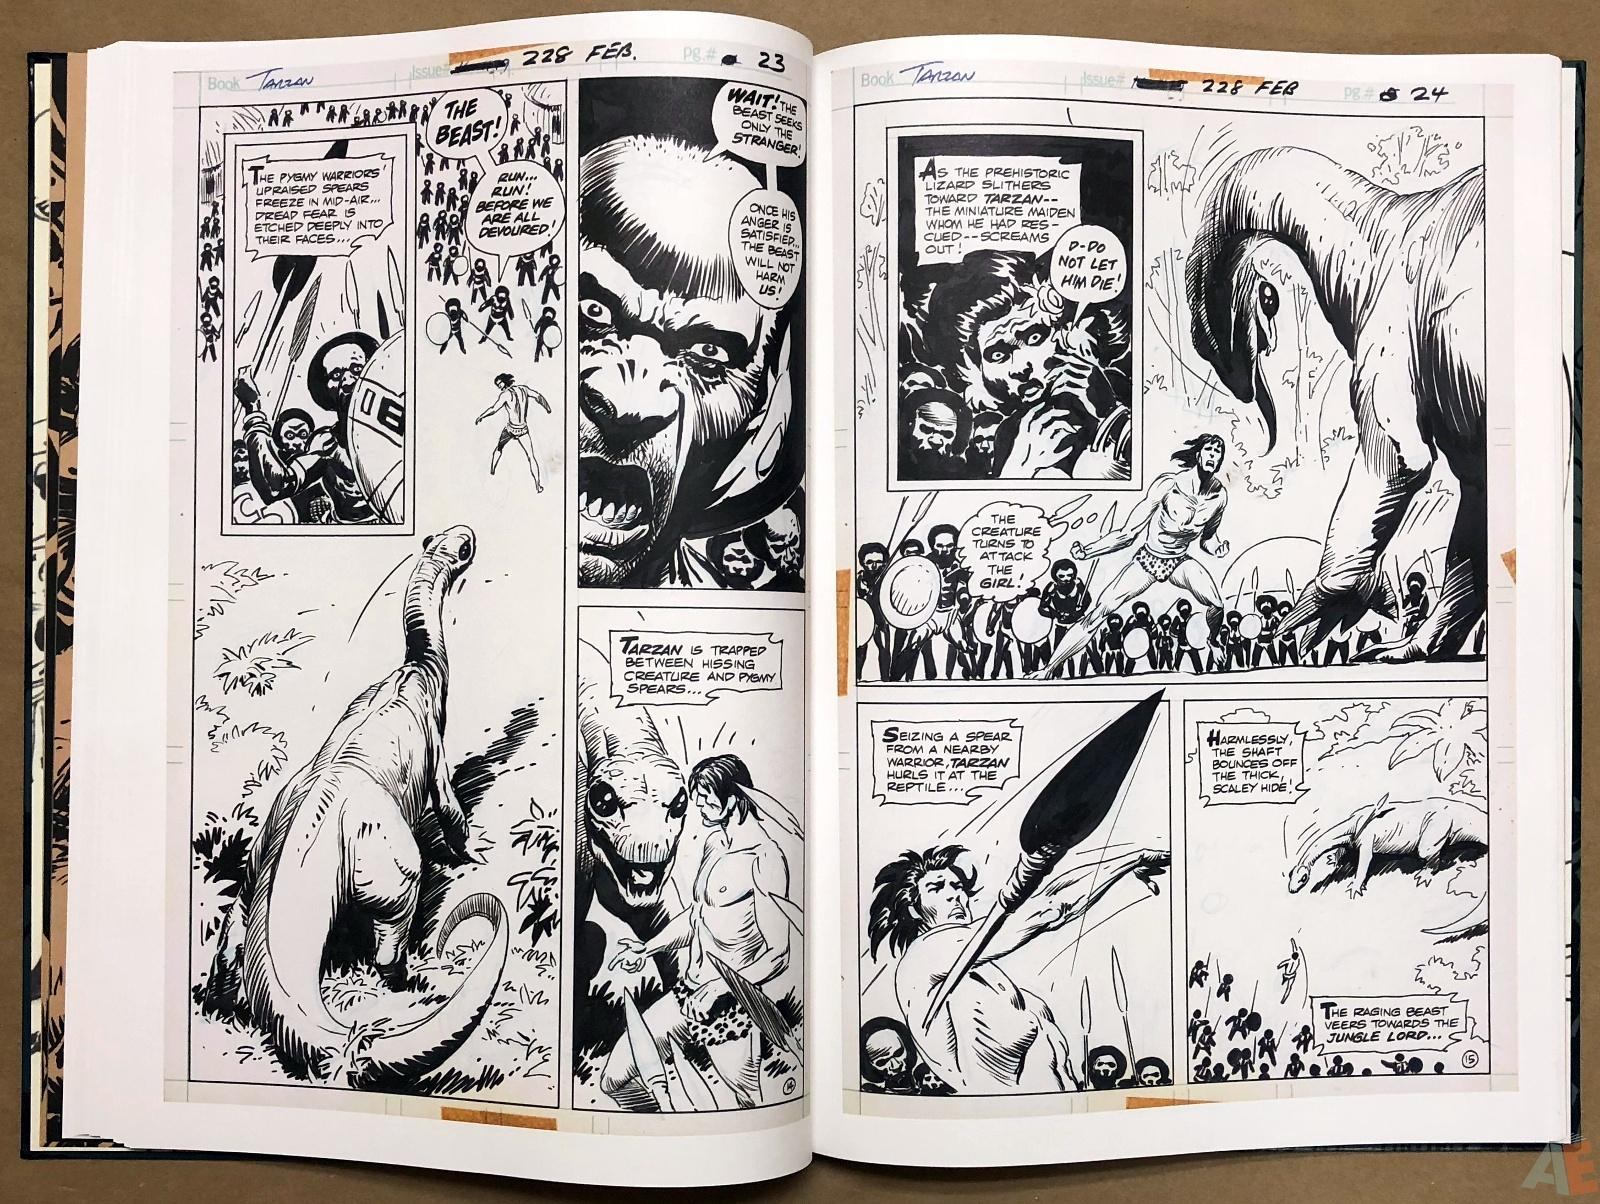 Joe Kubert's Tarzan and the Lion Man Artist's Edition 24